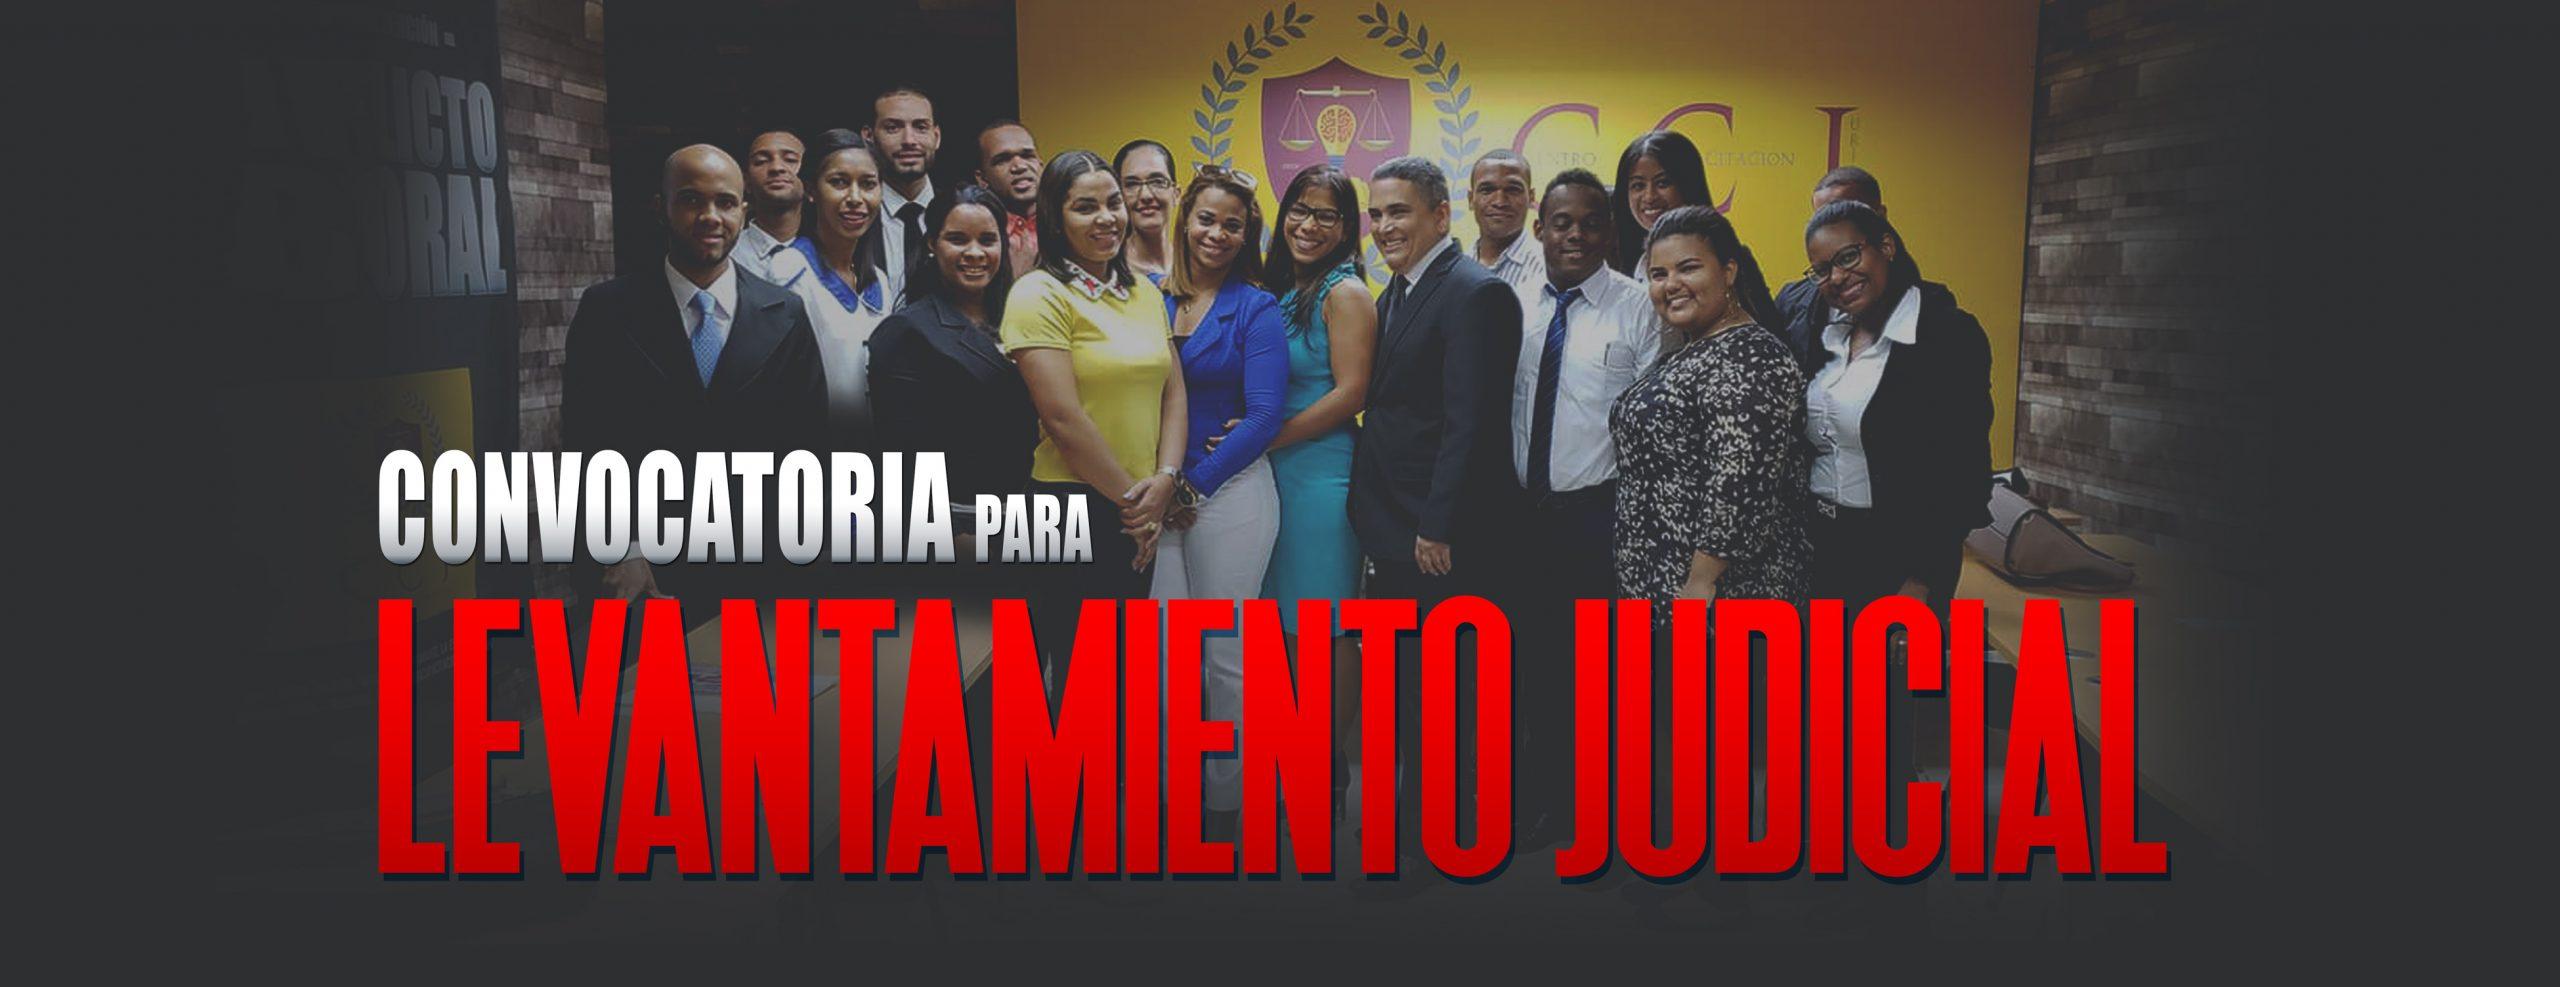 Convocatoria para Levantamiento Judicial